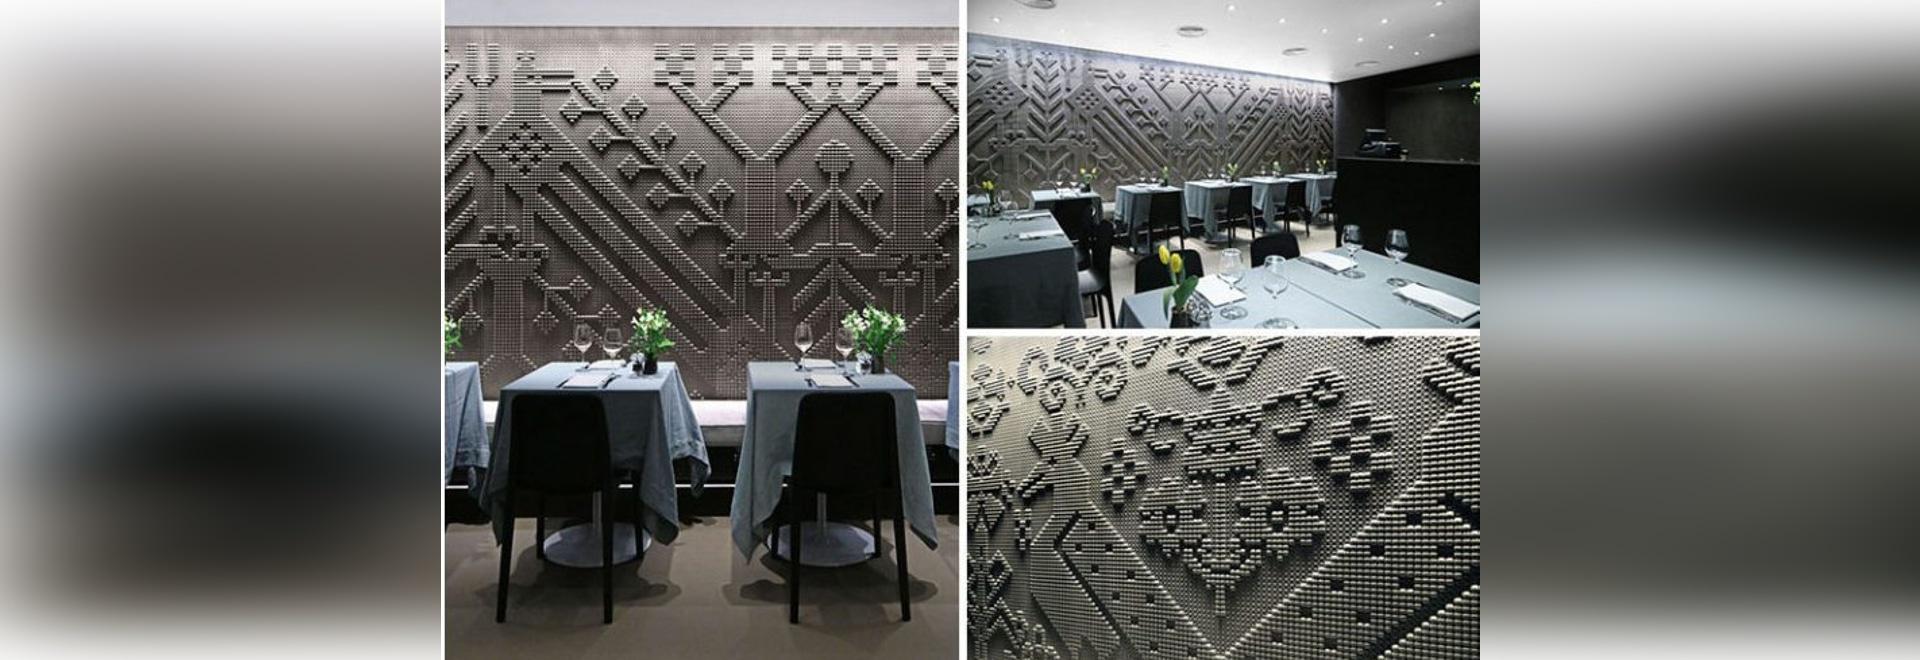 Gemeißelte Steintapisserien bedecken die Wände dieses Restaurants in London